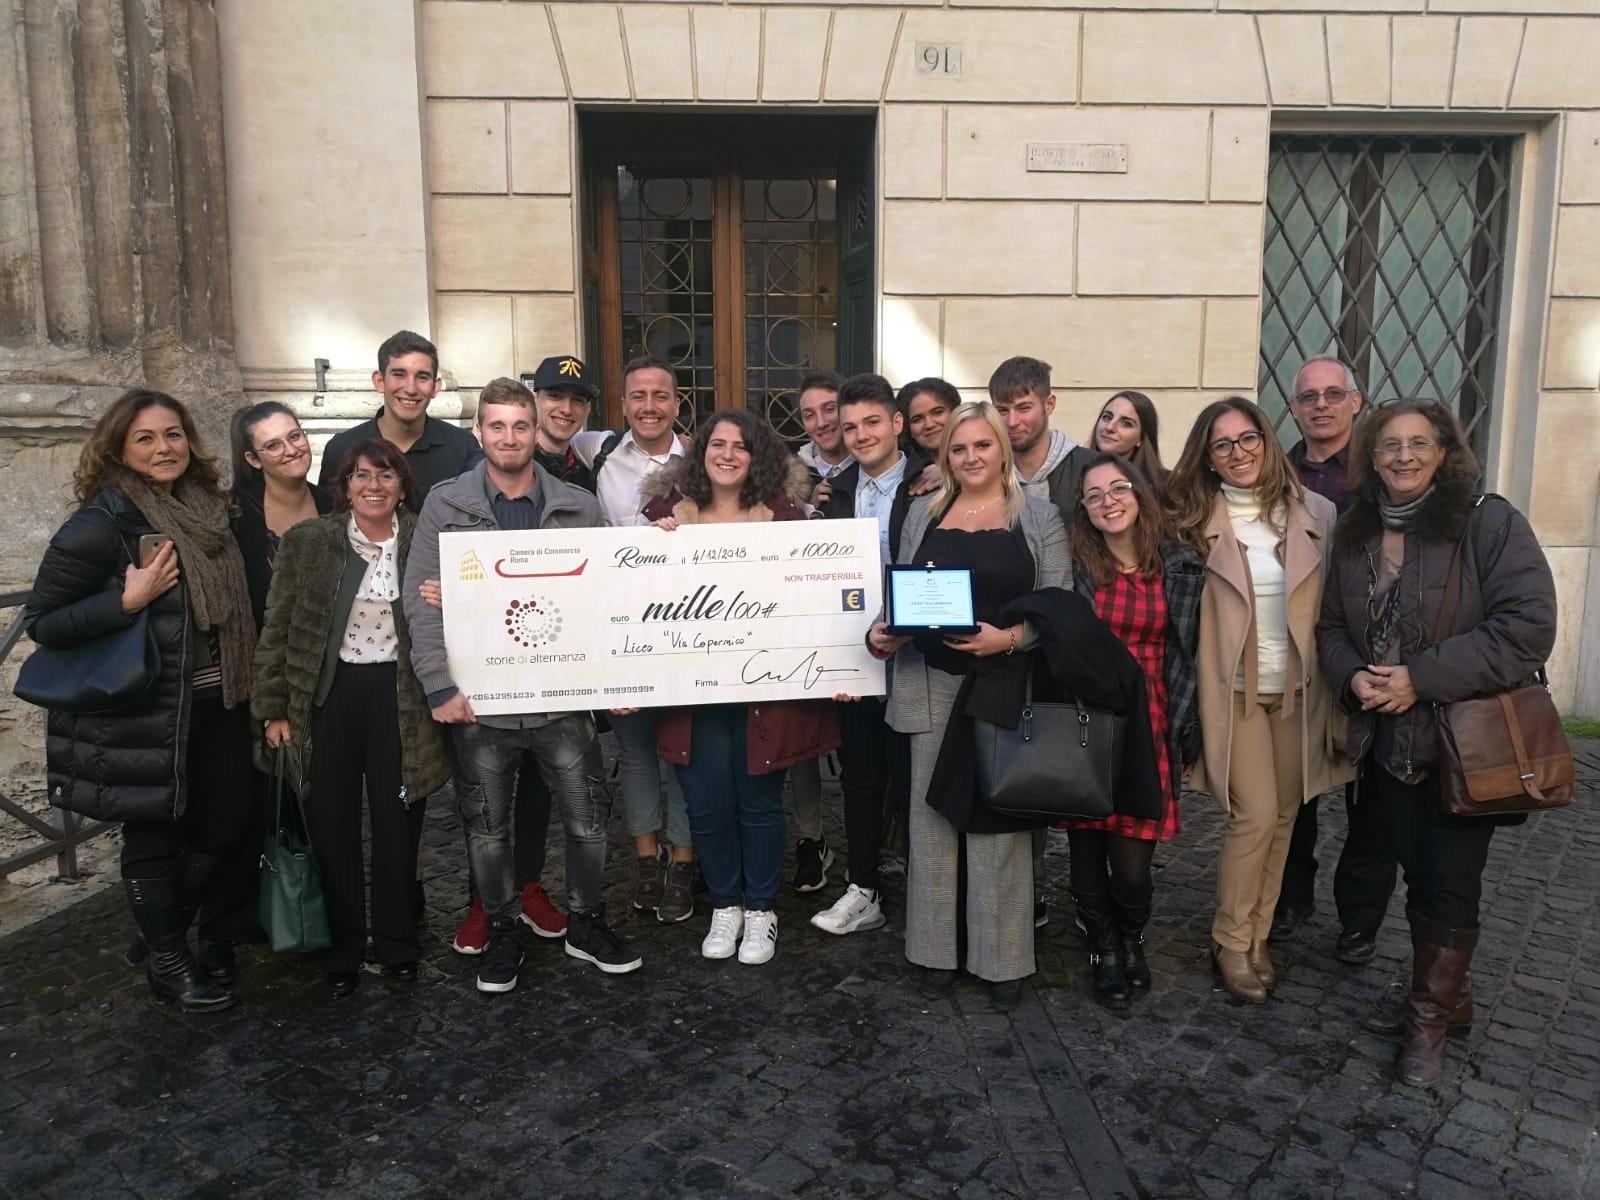 La camera di commercio di Roma premia i nostri alunni!